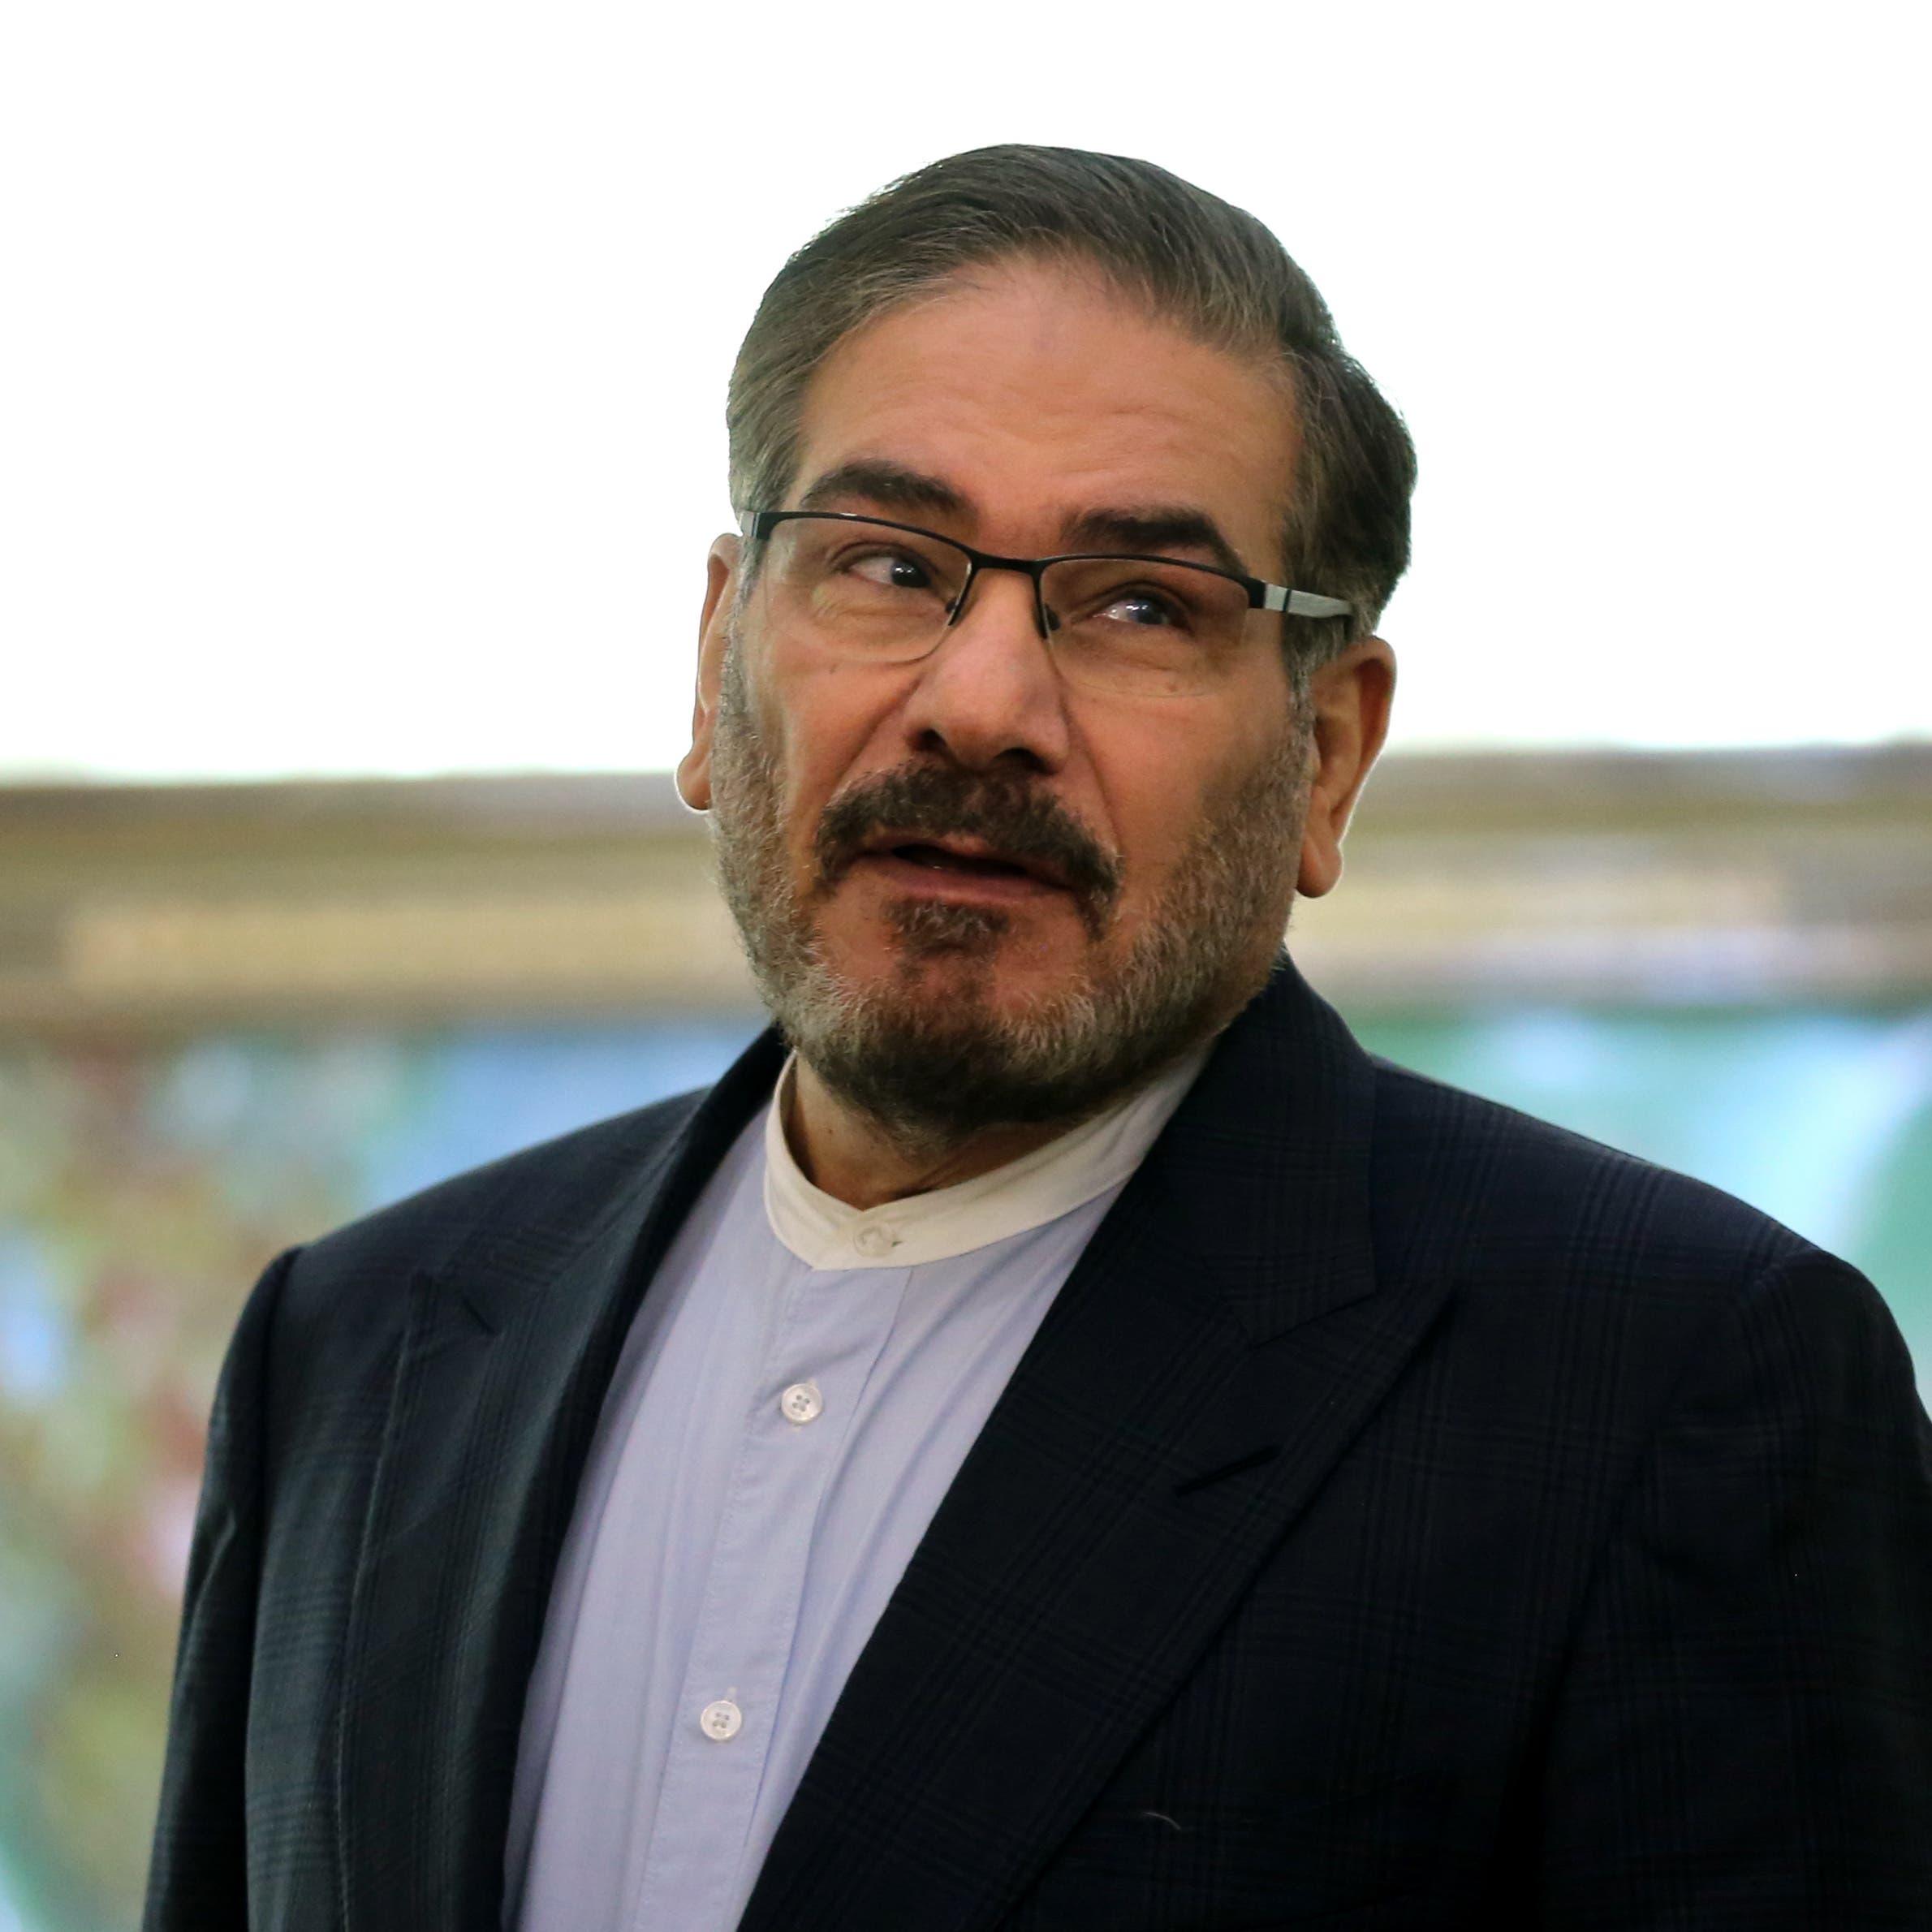 سيناريوهات إيران الـ 13 تتبخر.. حذف